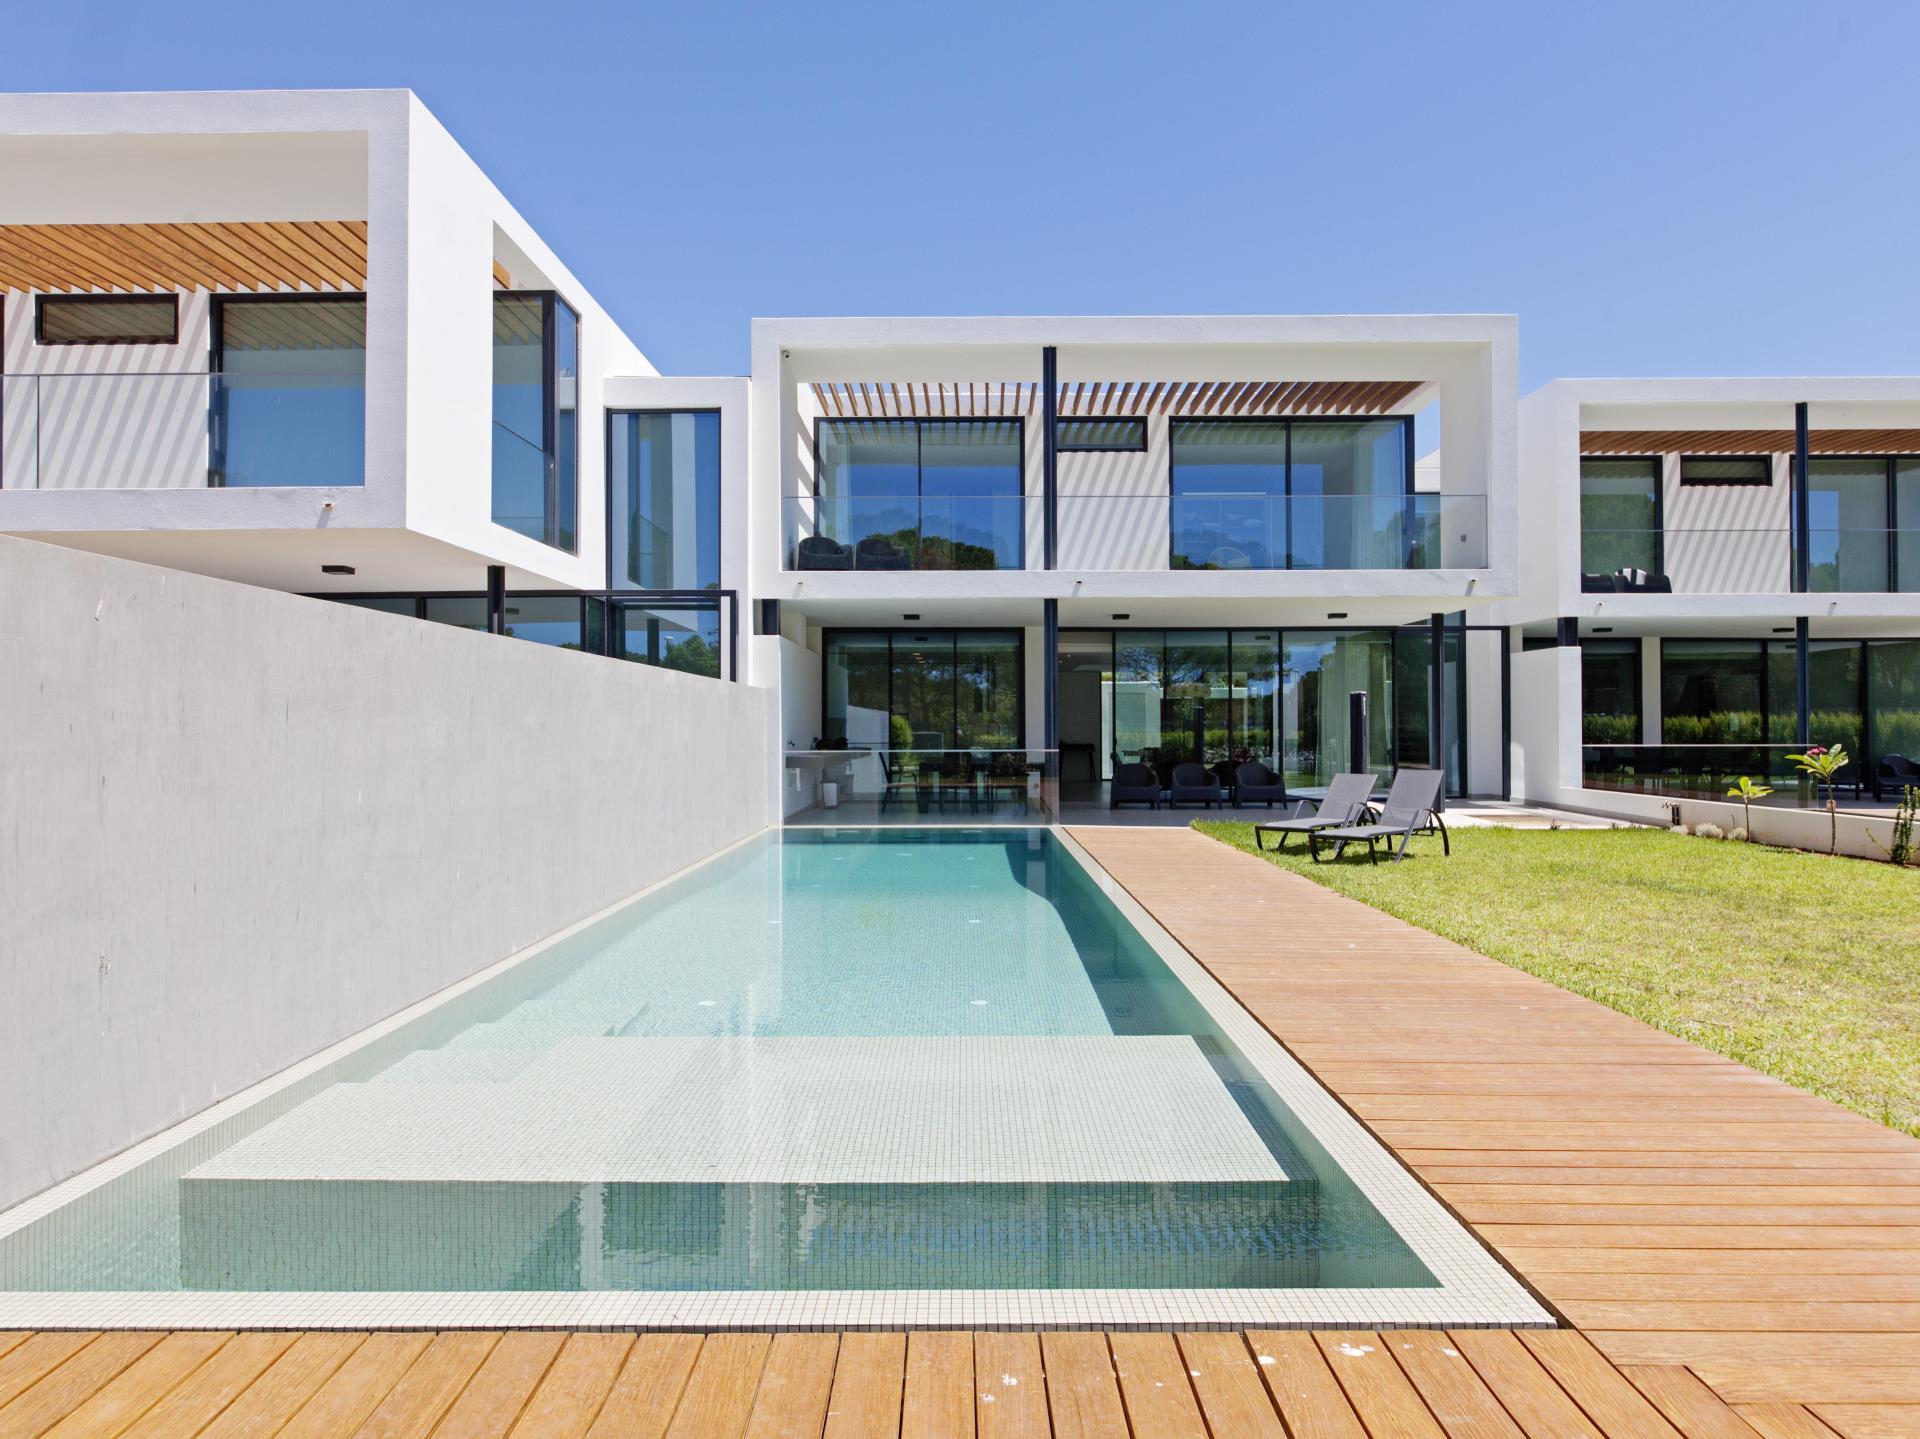 独户住宅 为 销售 在 Semi-detached house, 6 bedrooms, for Sale Loule, Algarve 葡萄牙